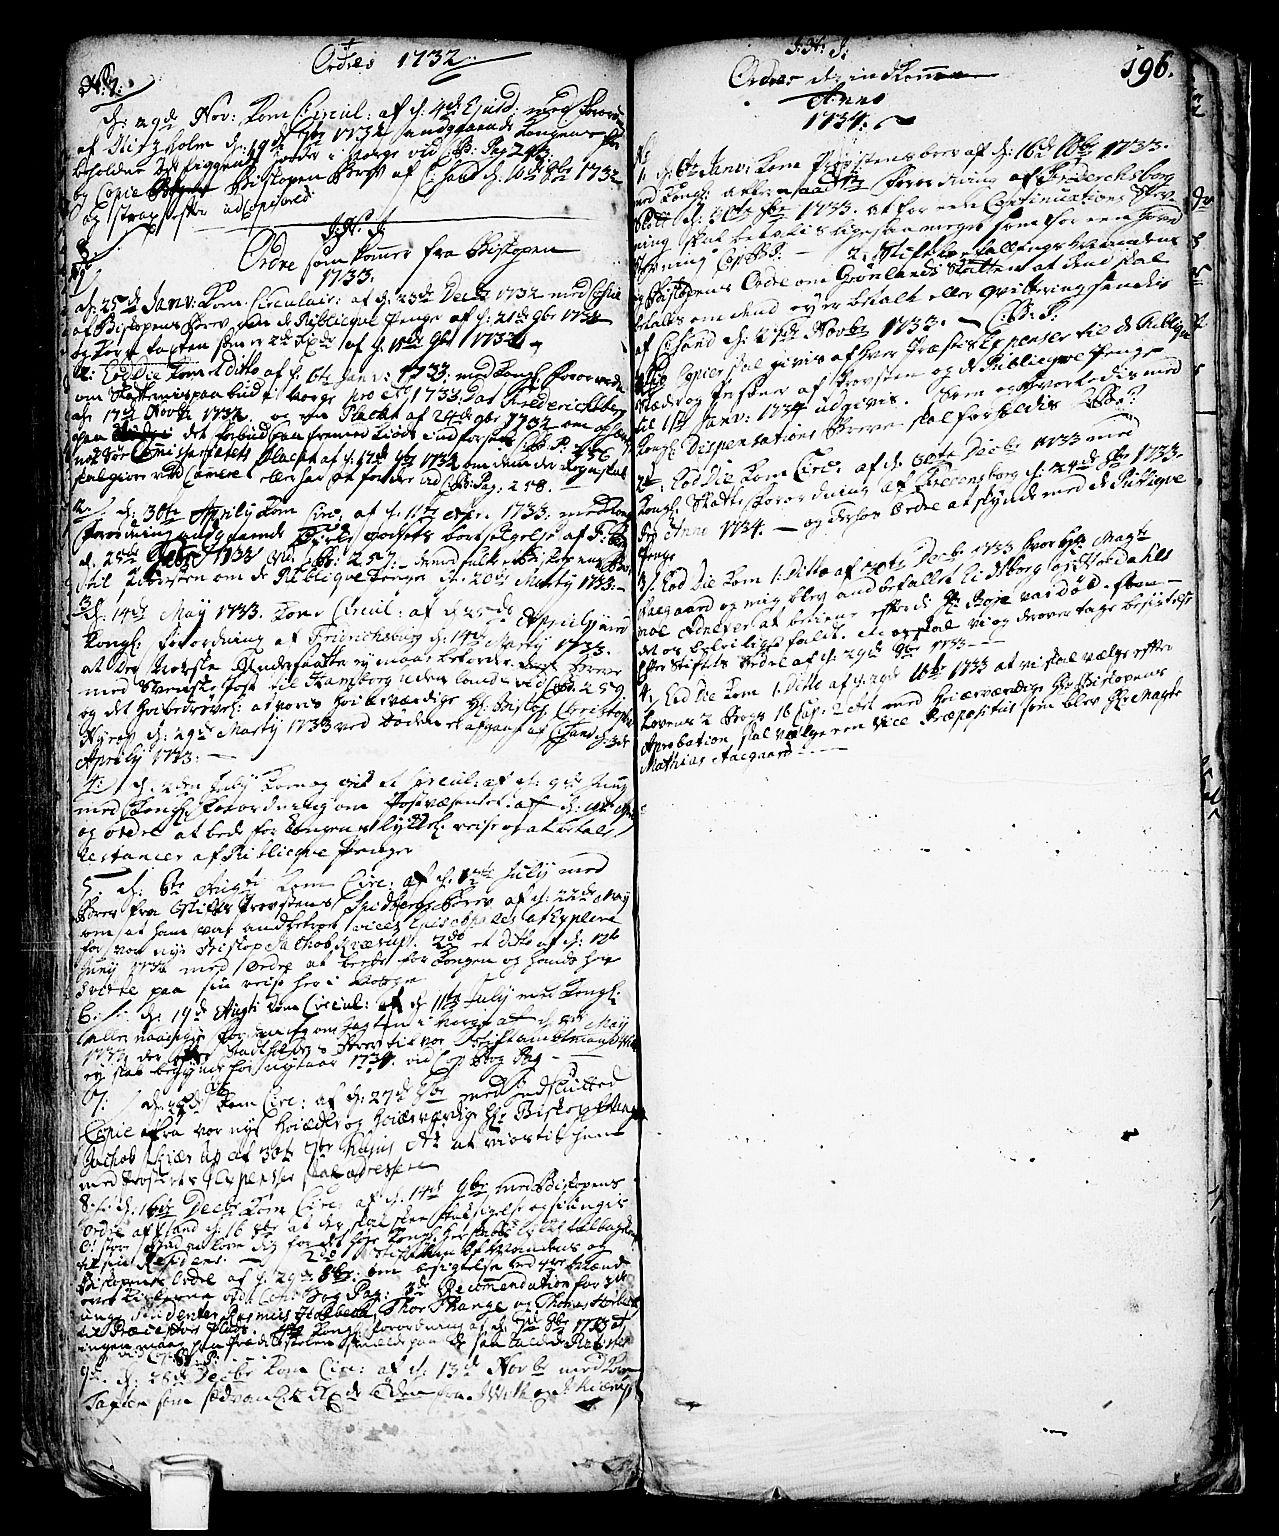 SAKO, Vinje kirkebøker, F/Fa/L0001: Ministerialbok nr. I 1, 1717-1766, s. 196